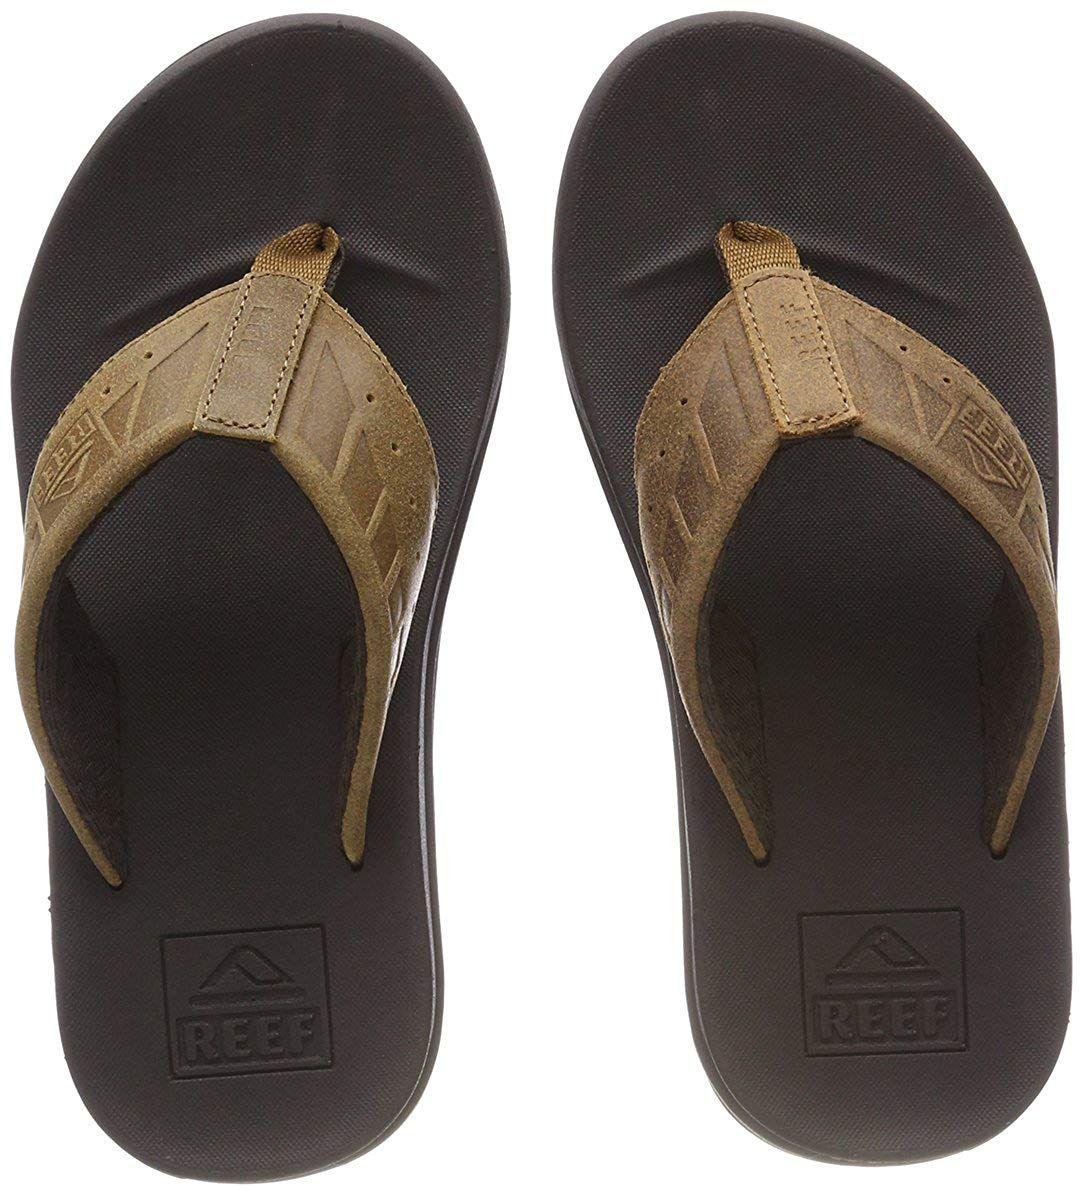 Men/'s Reef Phantoms Flip Flops Beach Sandals